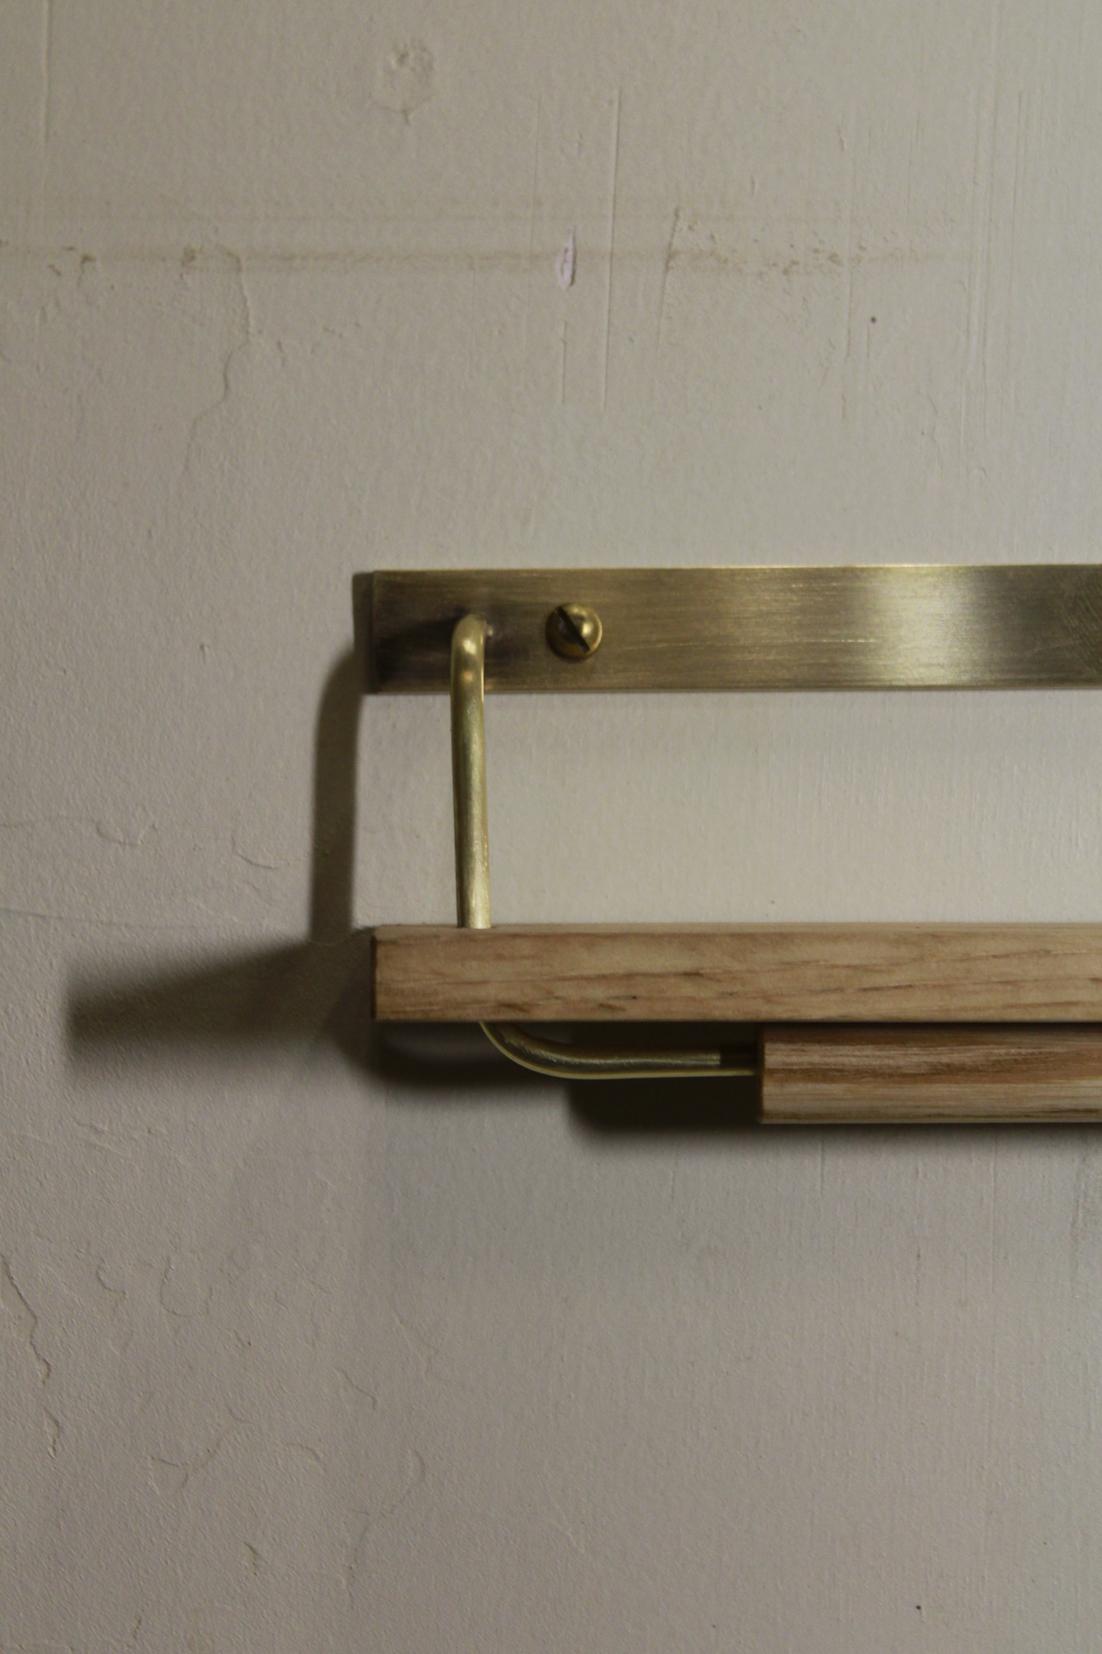 タオルハンガー | 真鍮+木 | 真鍮 | 山形・仙台を中心にオリジナル家具・オーダー家具、インテリアのデザイン・製作・納品をおこなっています。おしゃれ。